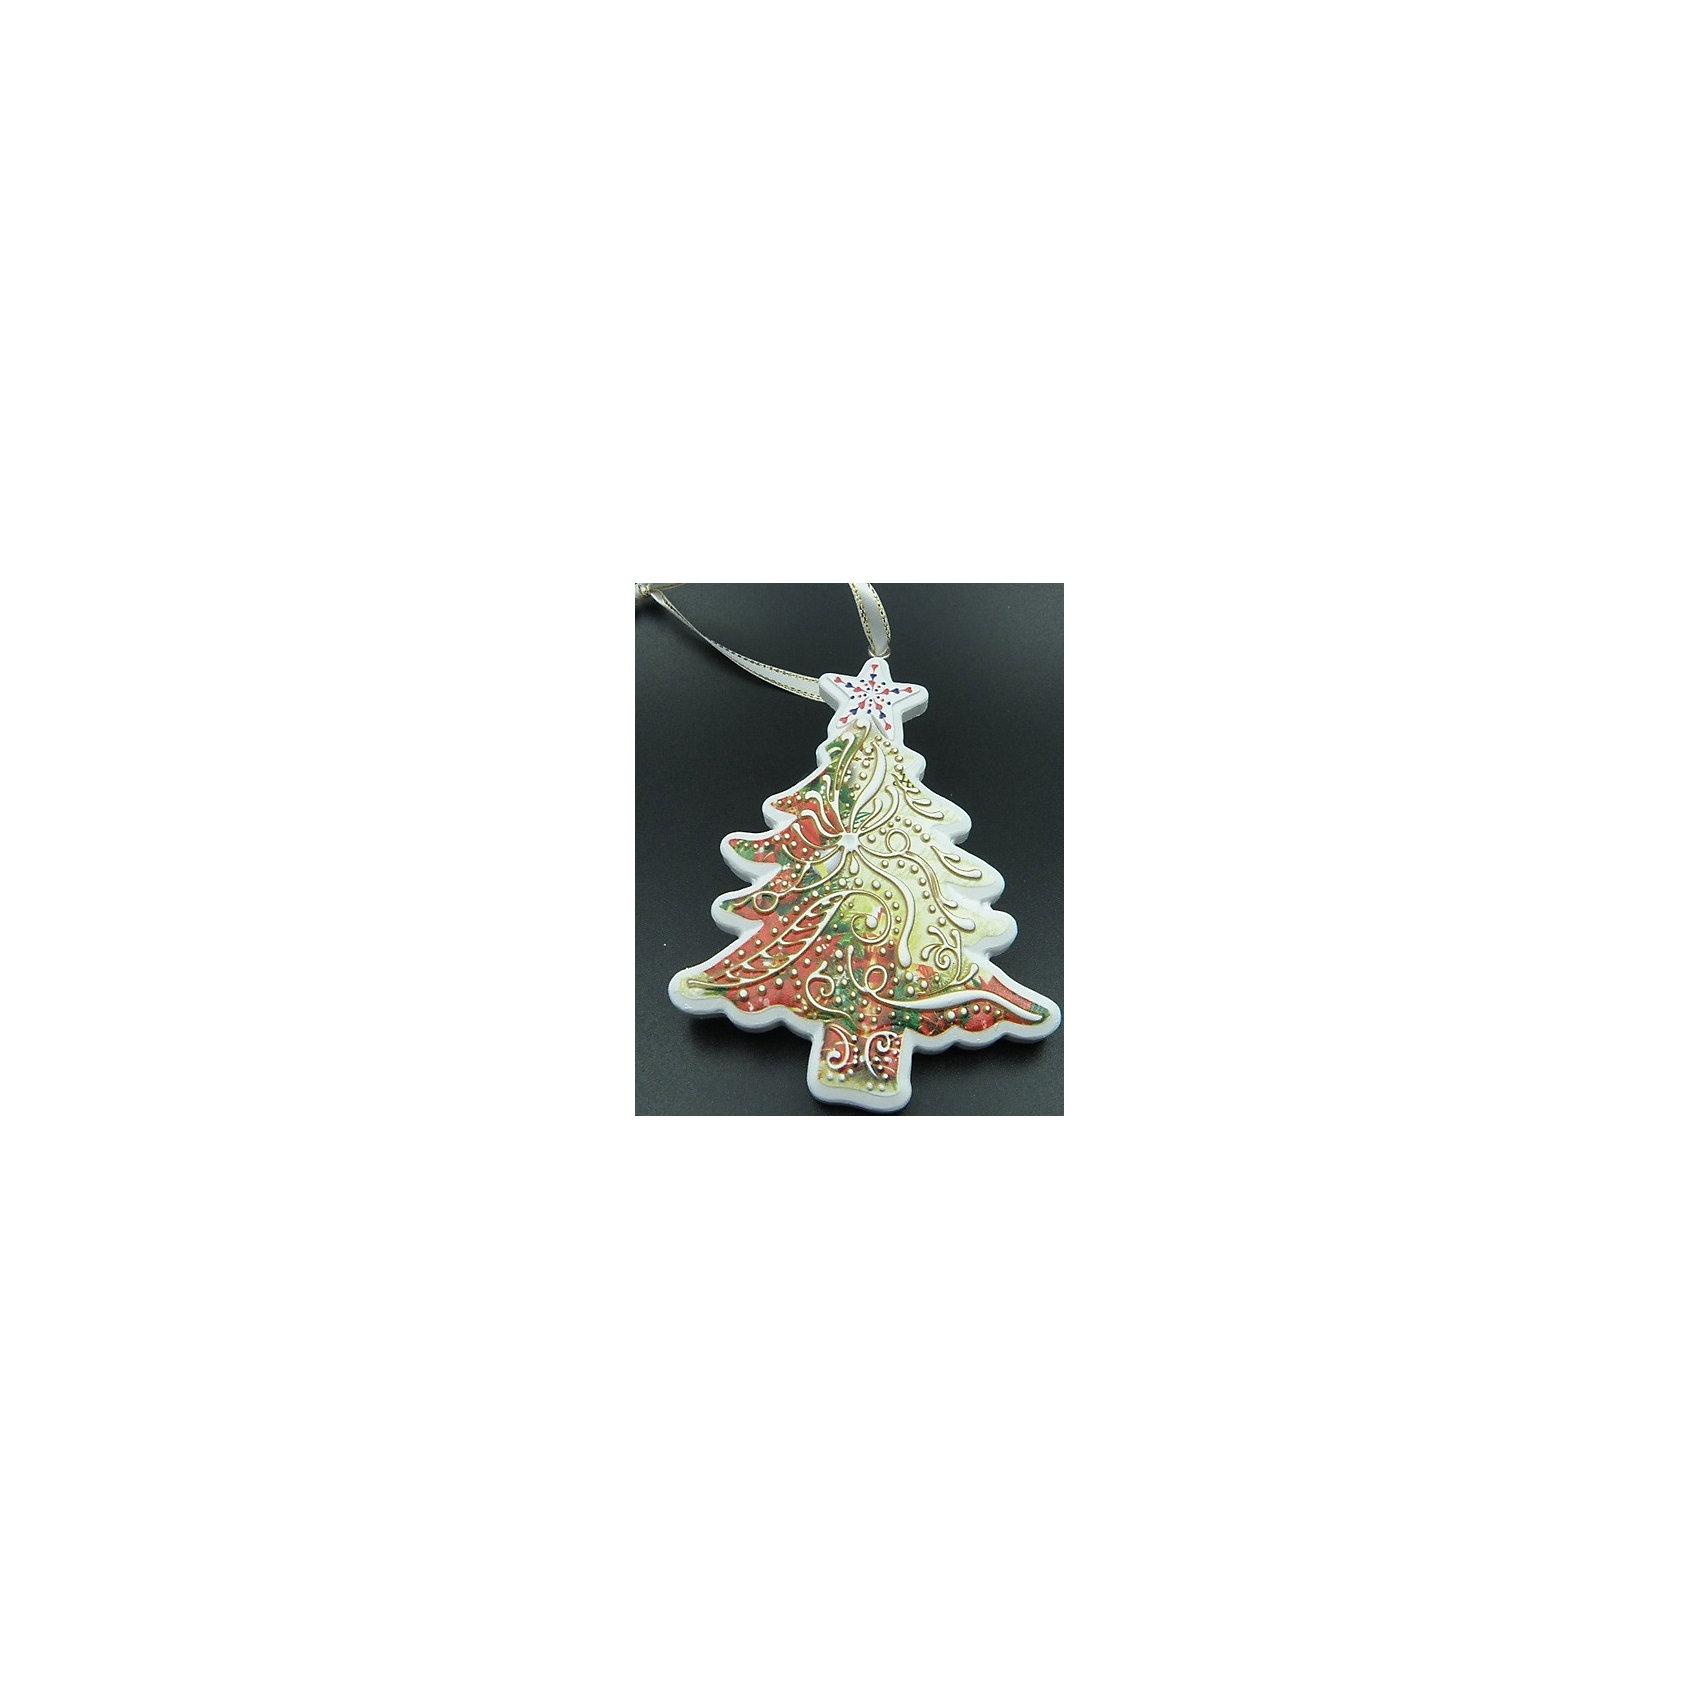 Украшение 8,5*11 смУкрашение 8,5 * 11 см – это красивая, будто пряничная, новогодняя ёлочка для вашей ёлочки. Впустите атмосферу зимы и праздников в ваш дом! С этой декоративной ёлочкой так весело наводить красоту и радовать близких. Подвесное украшение прекрасно подойдет не только для ёлки, но и для украшения штор, стен или даже люстры. Украшение легко крепится с помощью небольшого отверстия у основания, в него можно продеть шнурок, металлическую проволочку или красивую ленту. Размер украшения составляет 8 на 8,5 см. ёлочка представлена в белом цвете с изумрудными, красными и золотыми орнаментами. Ёлочка изготовлена из полирезины и не сможет разбиться, если ее уронить. <br><br>Дополнительная информация:<br>- Размер: 8,5 * 11 см.<br>- Материал: полирезина<br>- Не объемная<br>Украшение 8,5 * 11 см можно купить в нашем интернет-магазине.<br>Подробнее:<br>• Для детей в возрасте: от 3 лет<br>• Номер товара: 4981414<br>Страна производитель: Китай<br><br>Ширина мм: 100<br>Глубина мм: 100<br>Высота мм: 60<br>Вес г: 45<br>Возраст от месяцев: 36<br>Возраст до месяцев: 2147483647<br>Пол: Унисекс<br>Возраст: Детский<br>SKU: 4981414